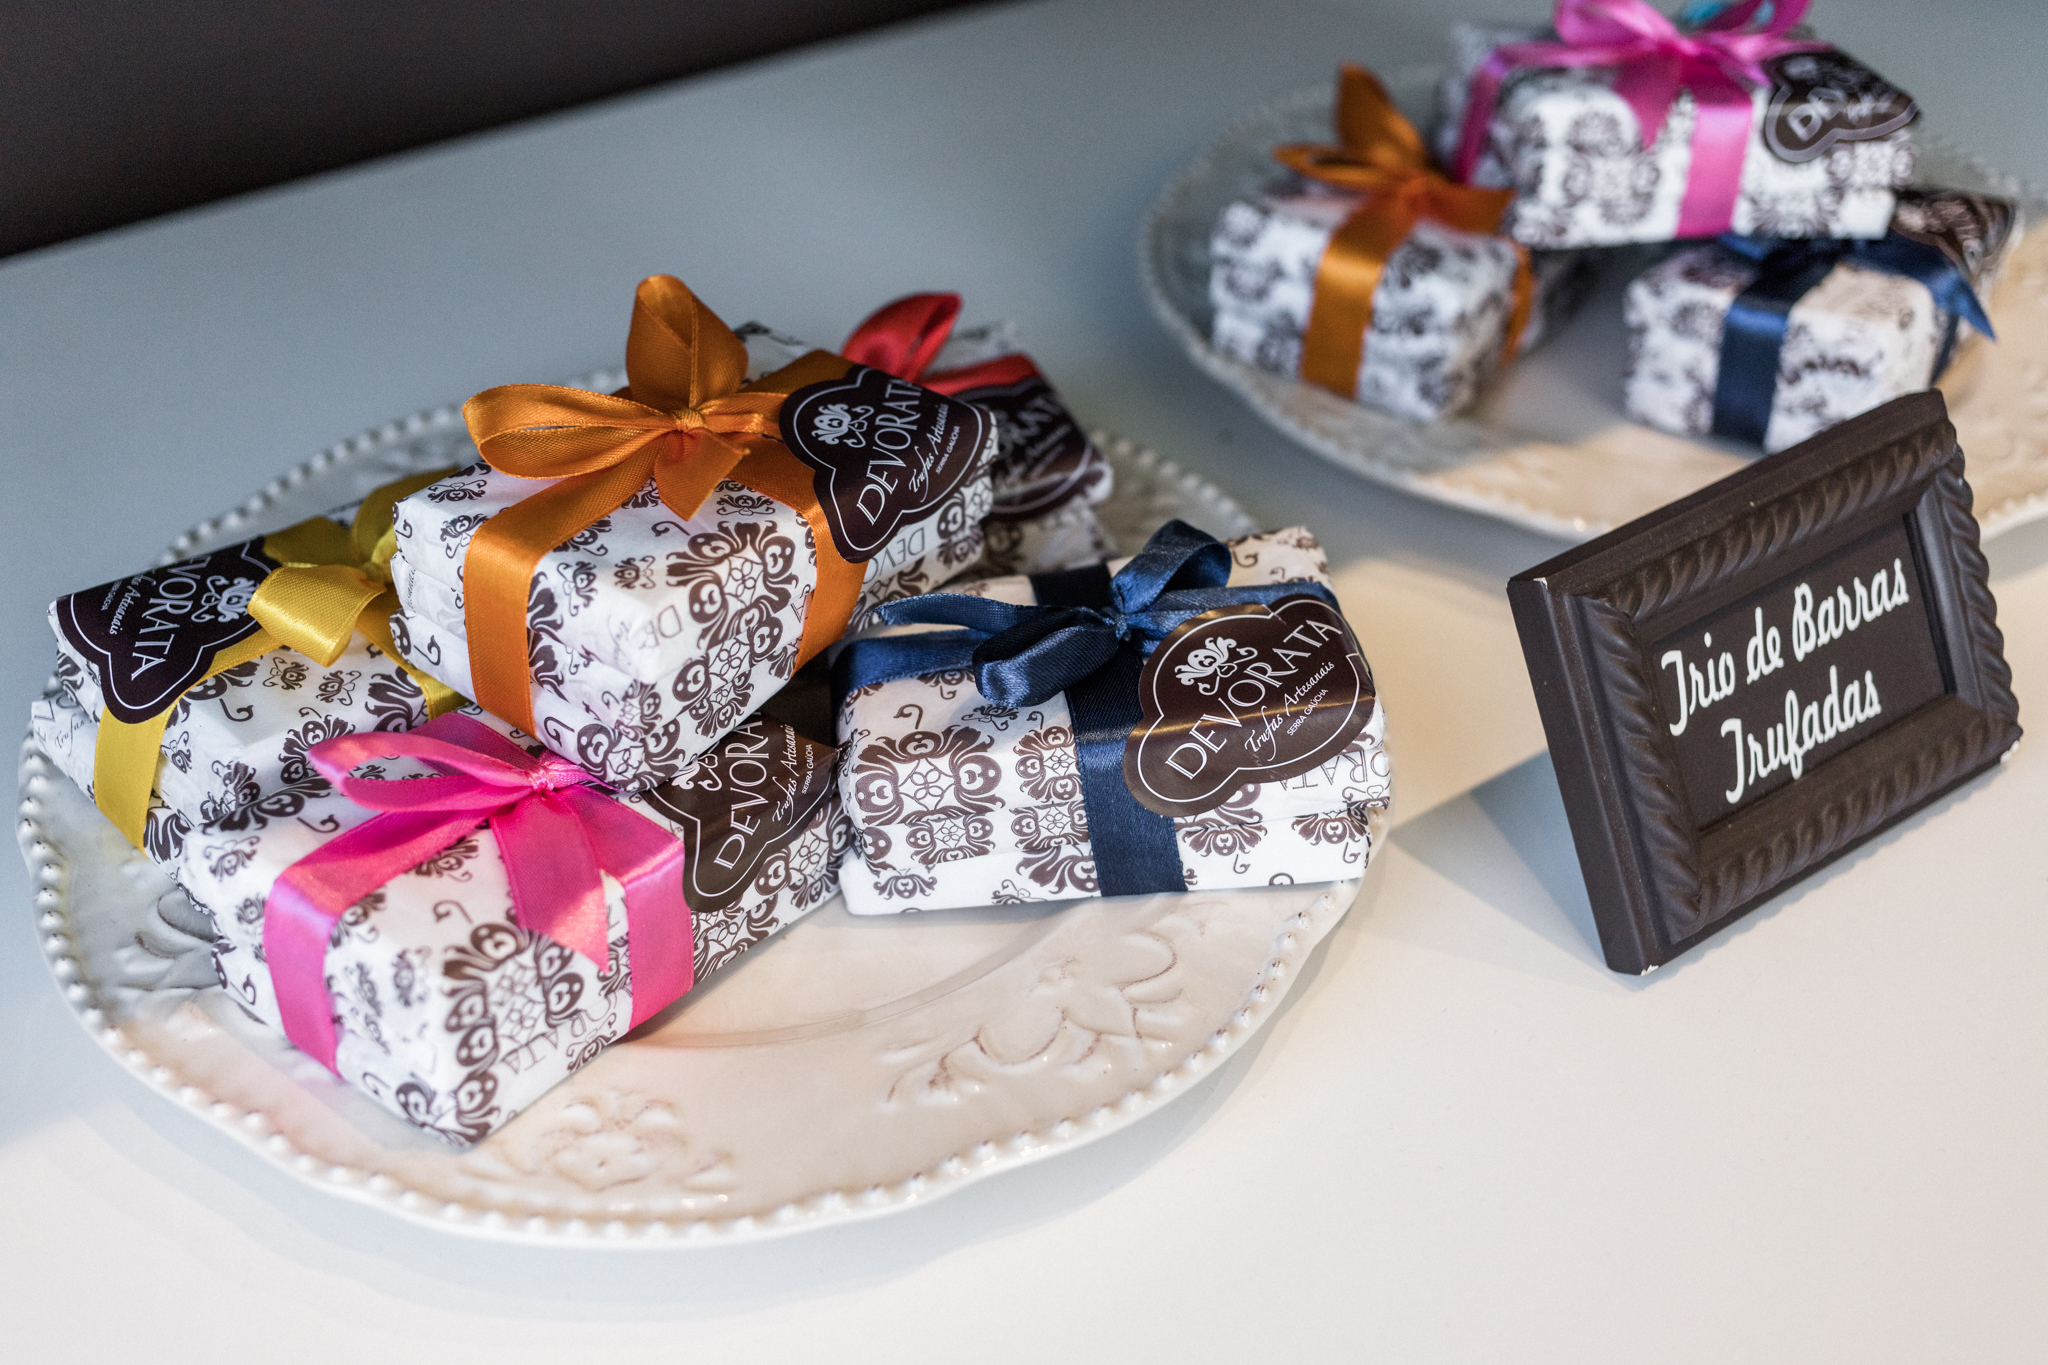 devotara chocolate artesanal serra gaucha